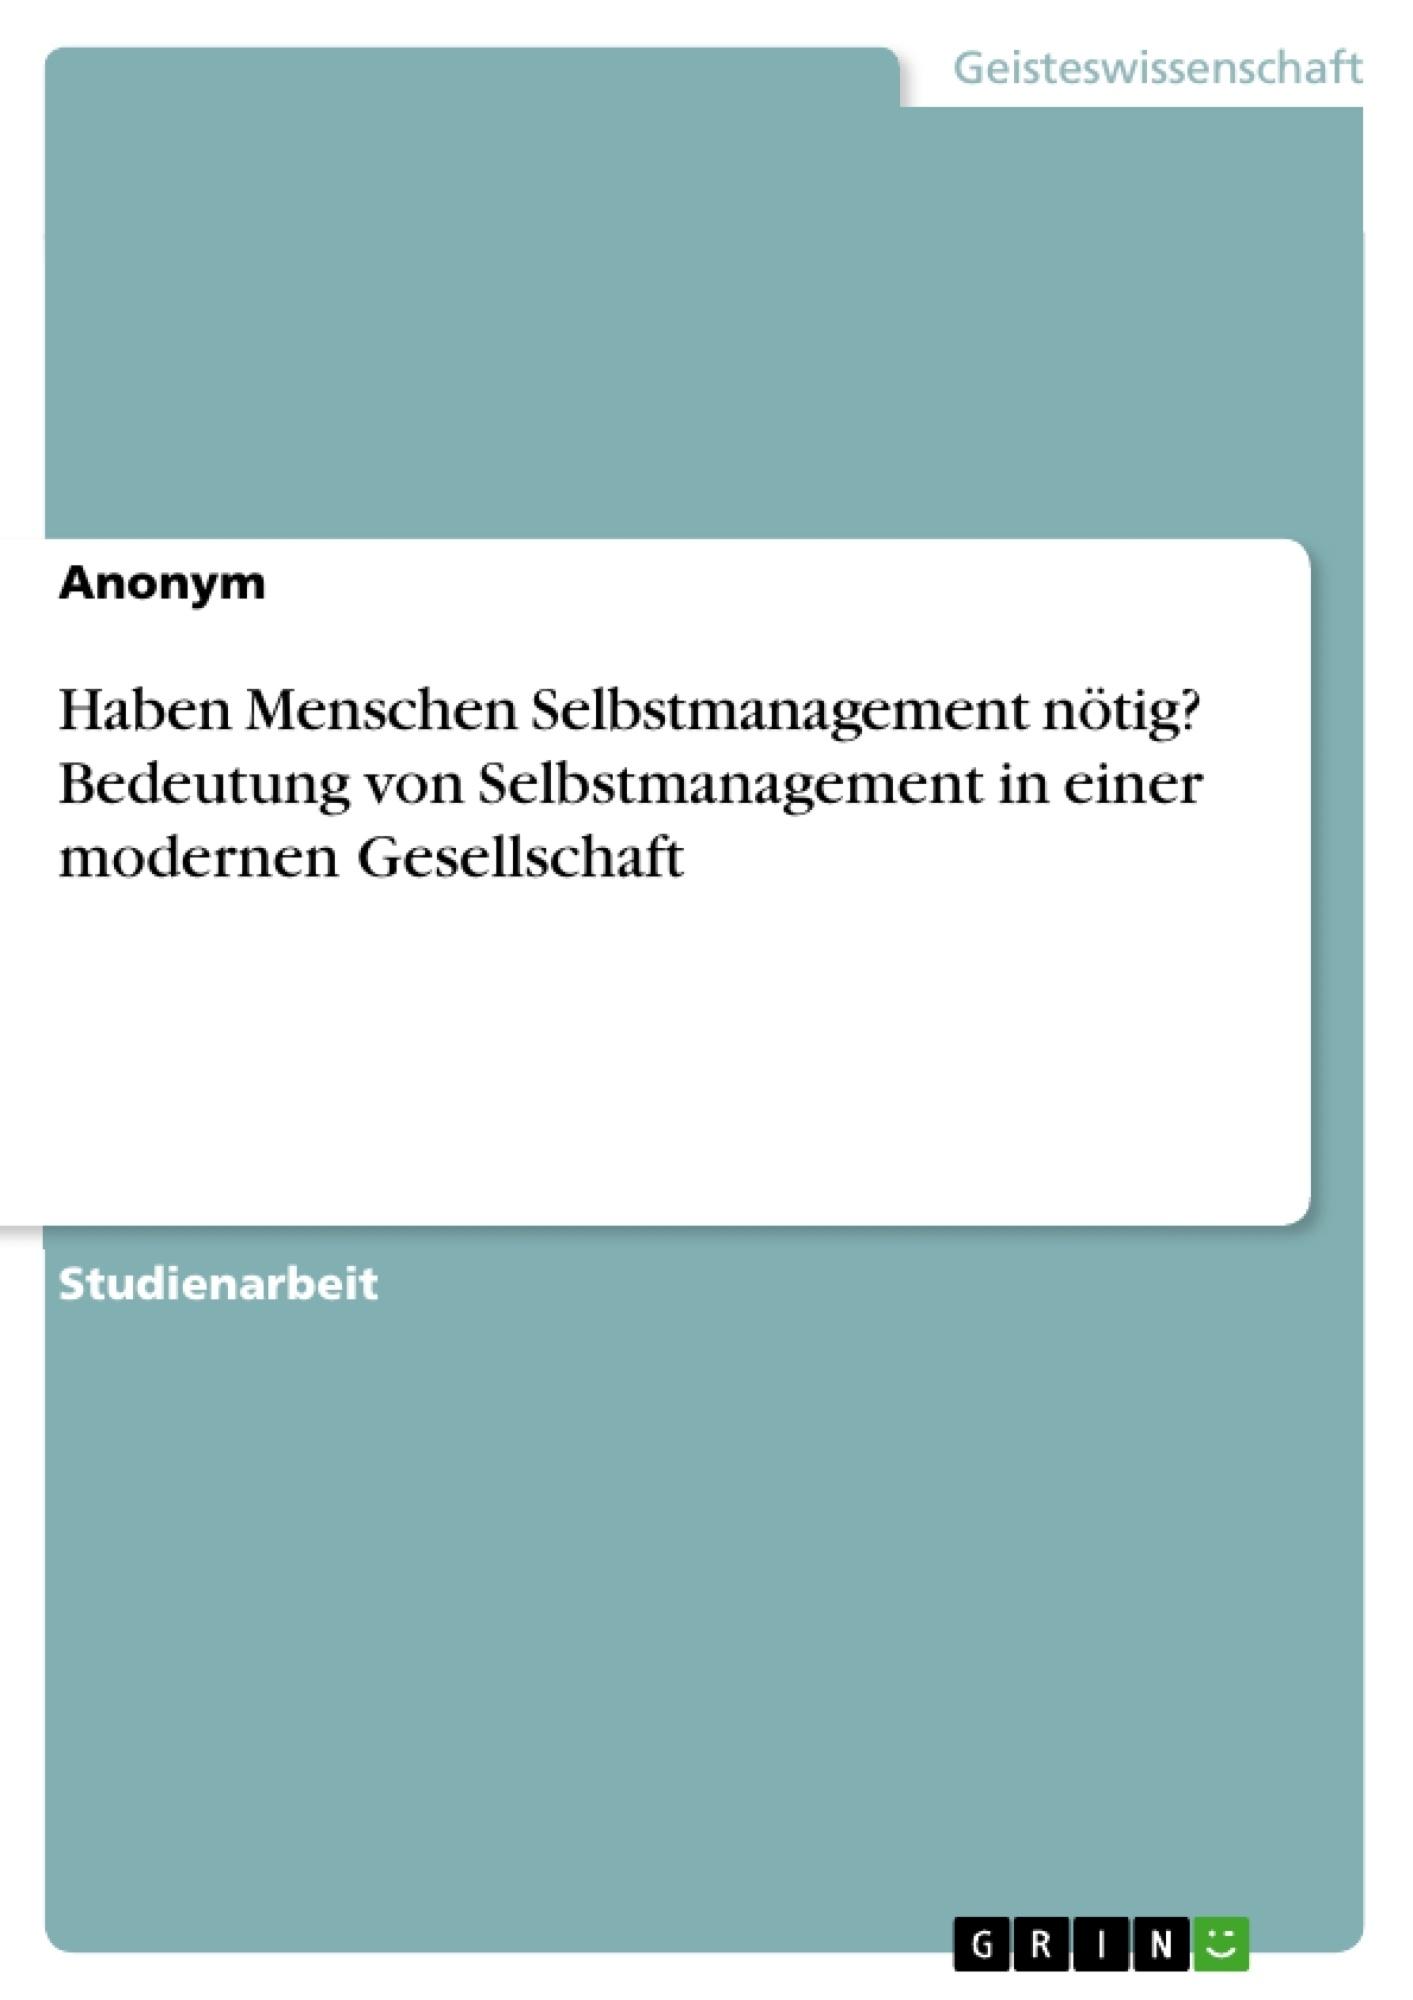 Titel: Haben Menschen Selbstmanagement nötig? Bedeutung von Selbstmanagement in einer modernen Gesellschaft